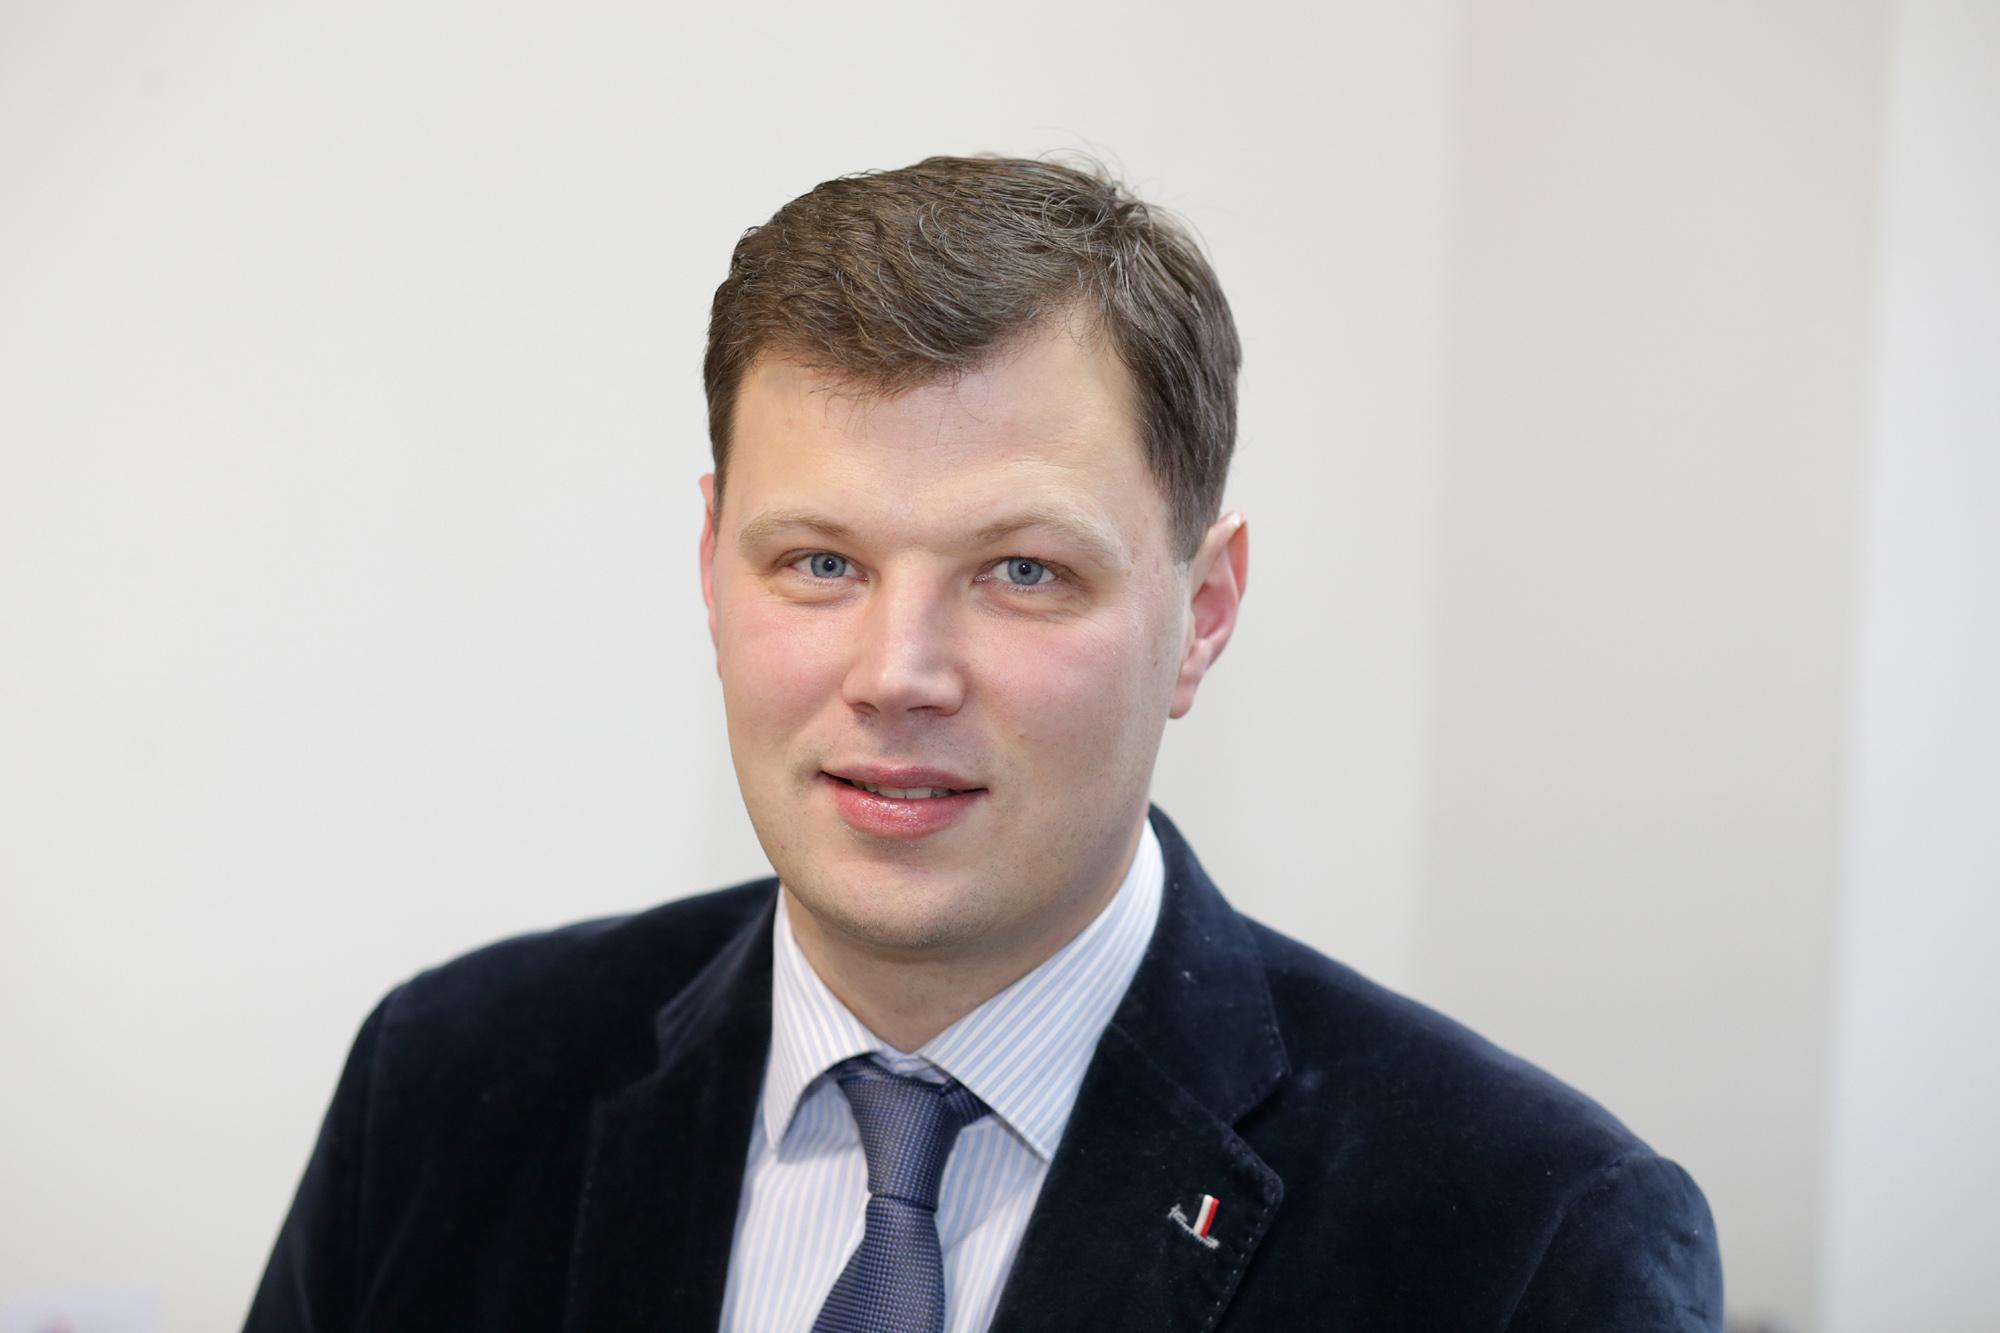 Kėdainių vicemeras Paulius Aukštikalnis. / A. Barzdžiaus nuotr.